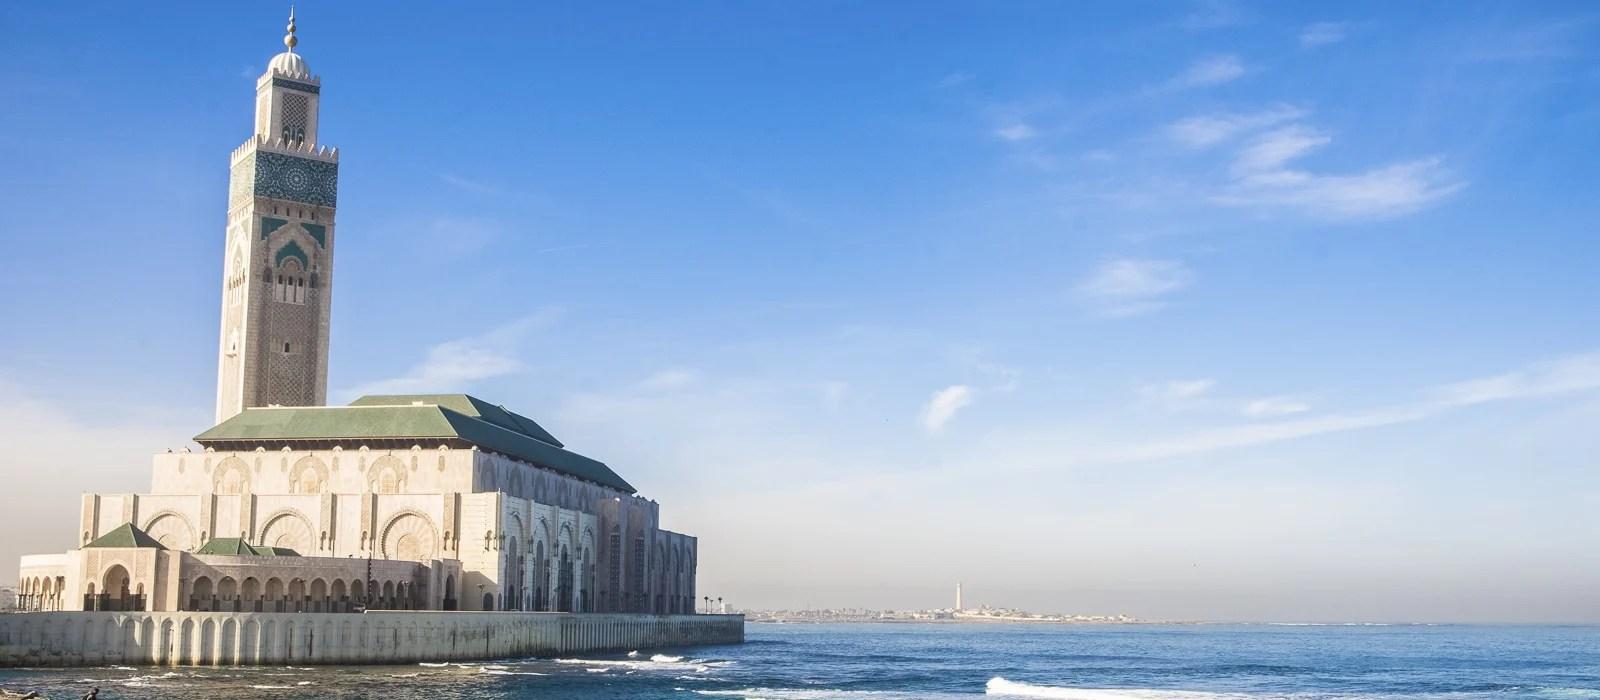 Mosquée Hassan-II à Casablanca au Maroc - Les Routes du Monde